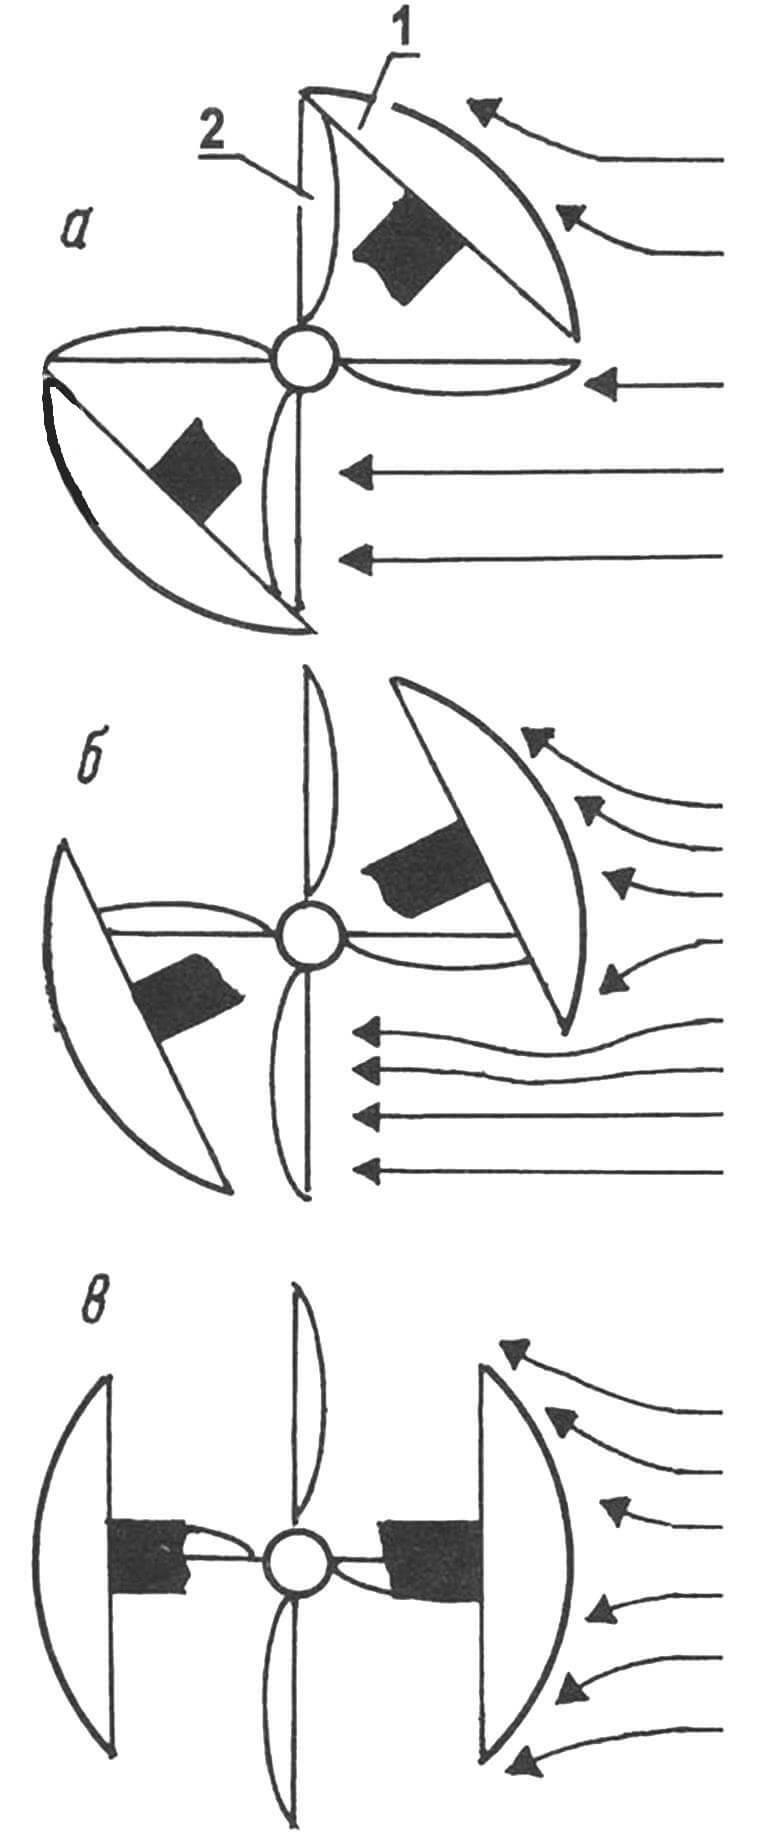 Регулировка положения насадки в зависимости от направления и силы ветра: